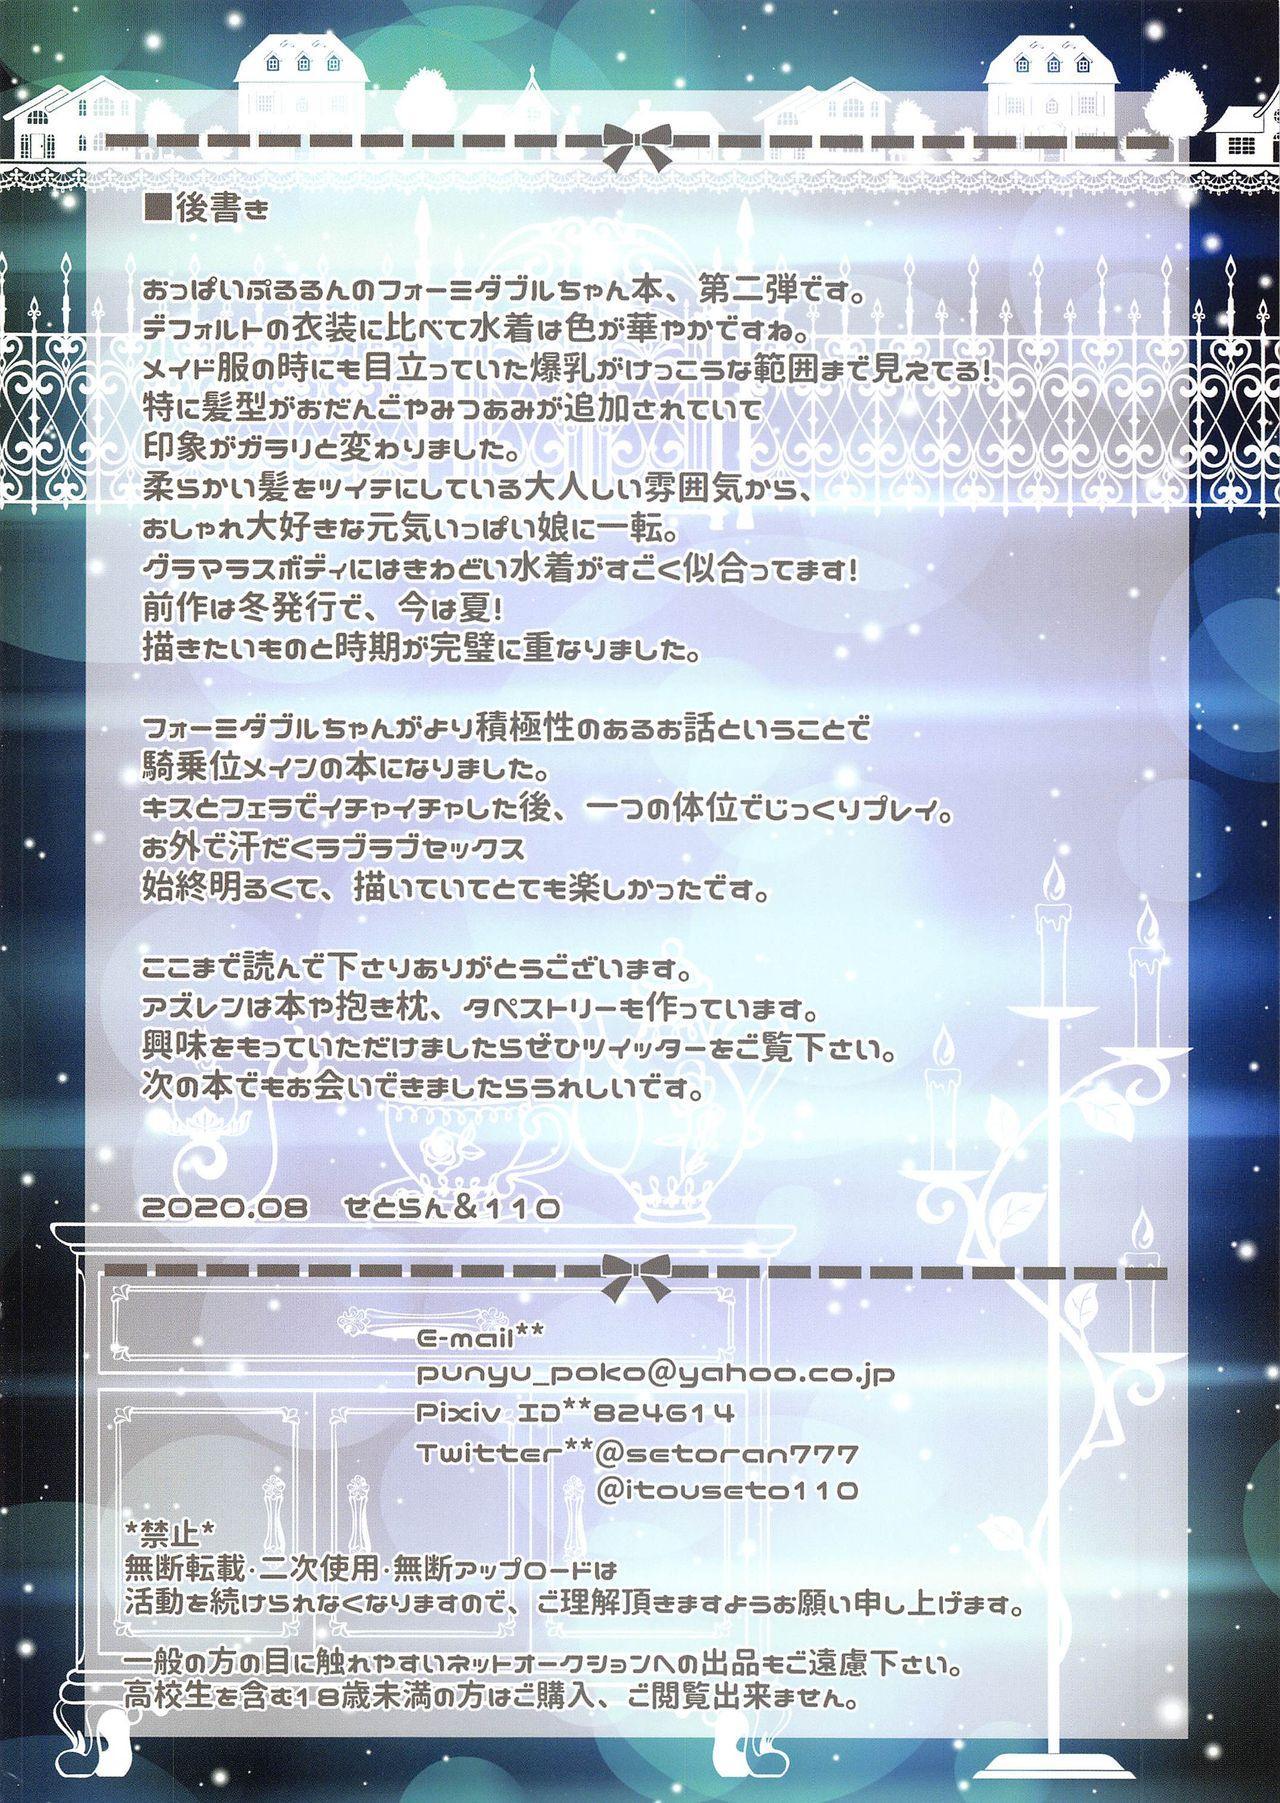 Koisuru Formidable wa Aishitagari 13